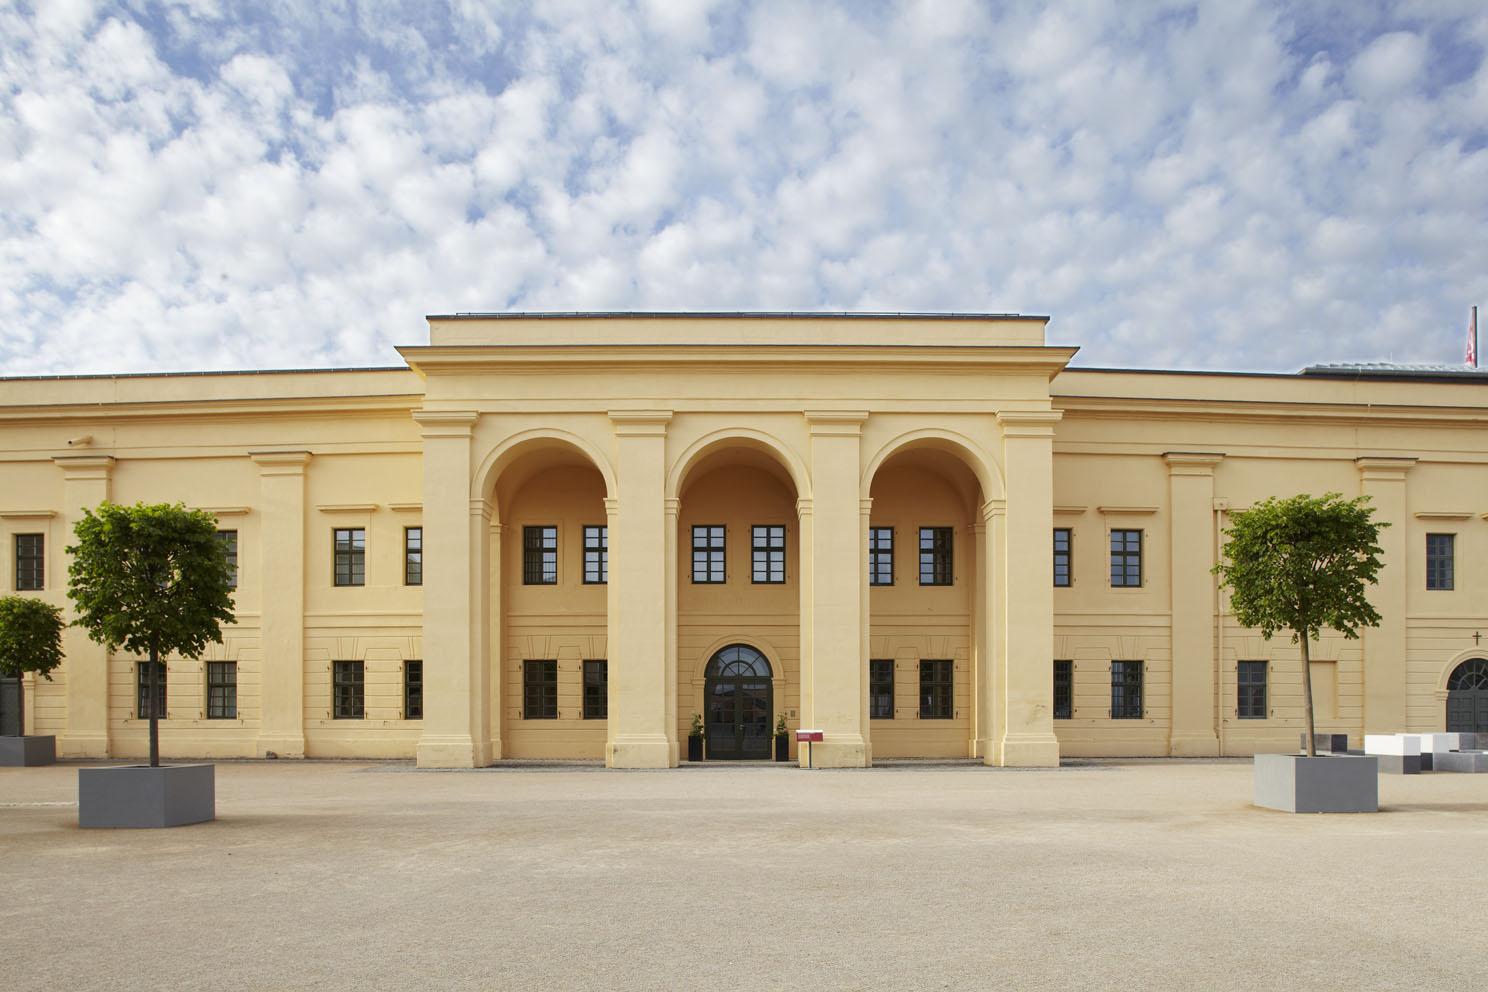 Eingang Landesmuseum Koblenz bei der Festung Ehrenbreitstein Koblenz, Romantischer Rhein